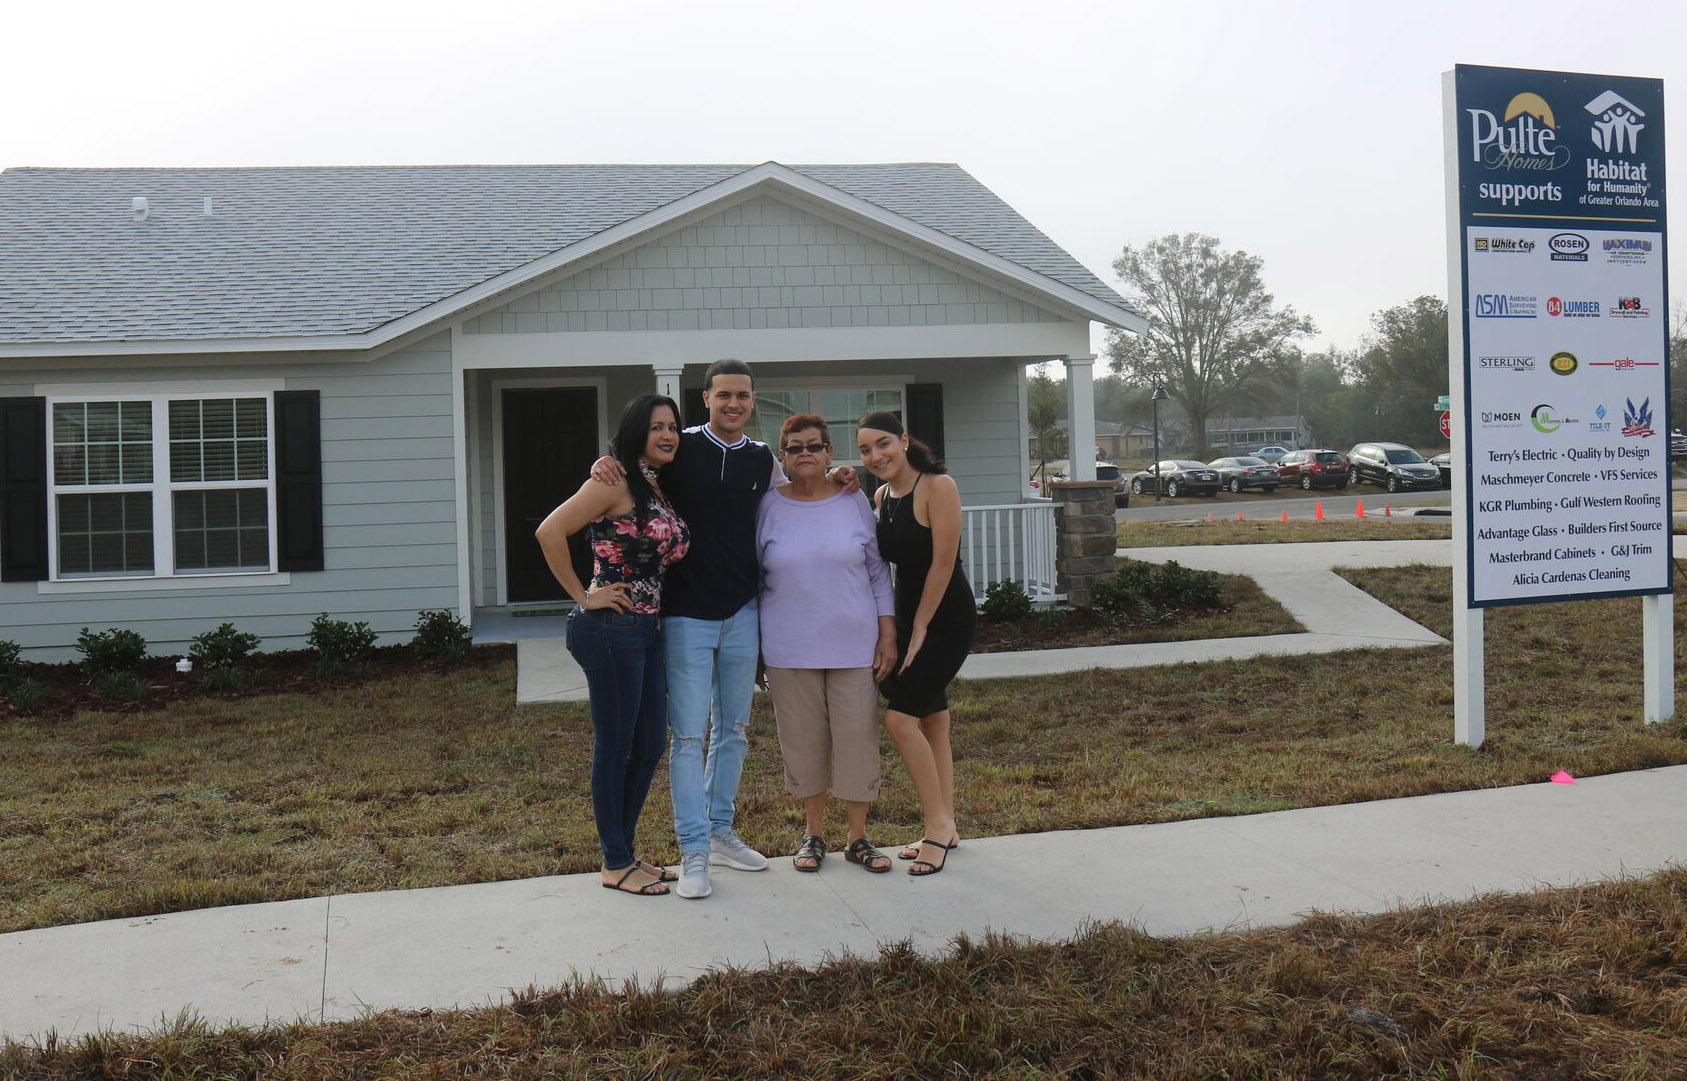 Una familia posando frente a una casa